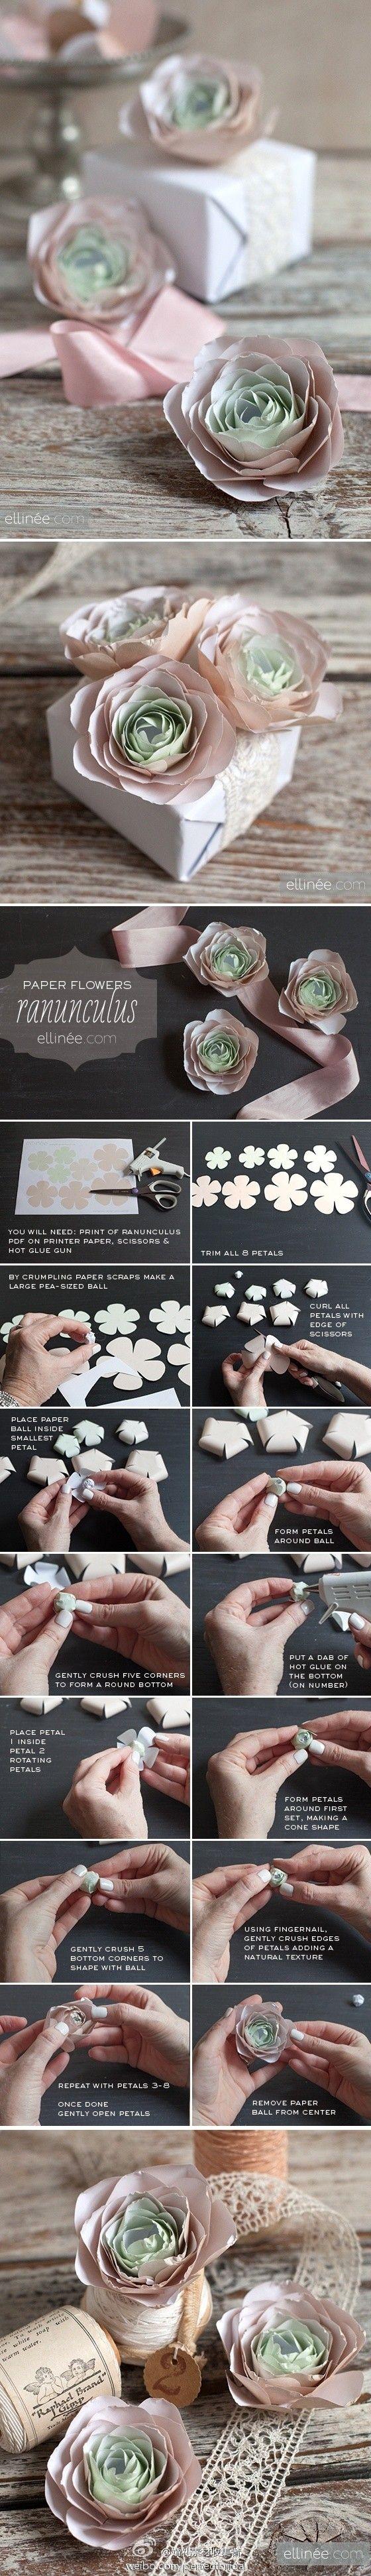 Flowers - paper diy flowers